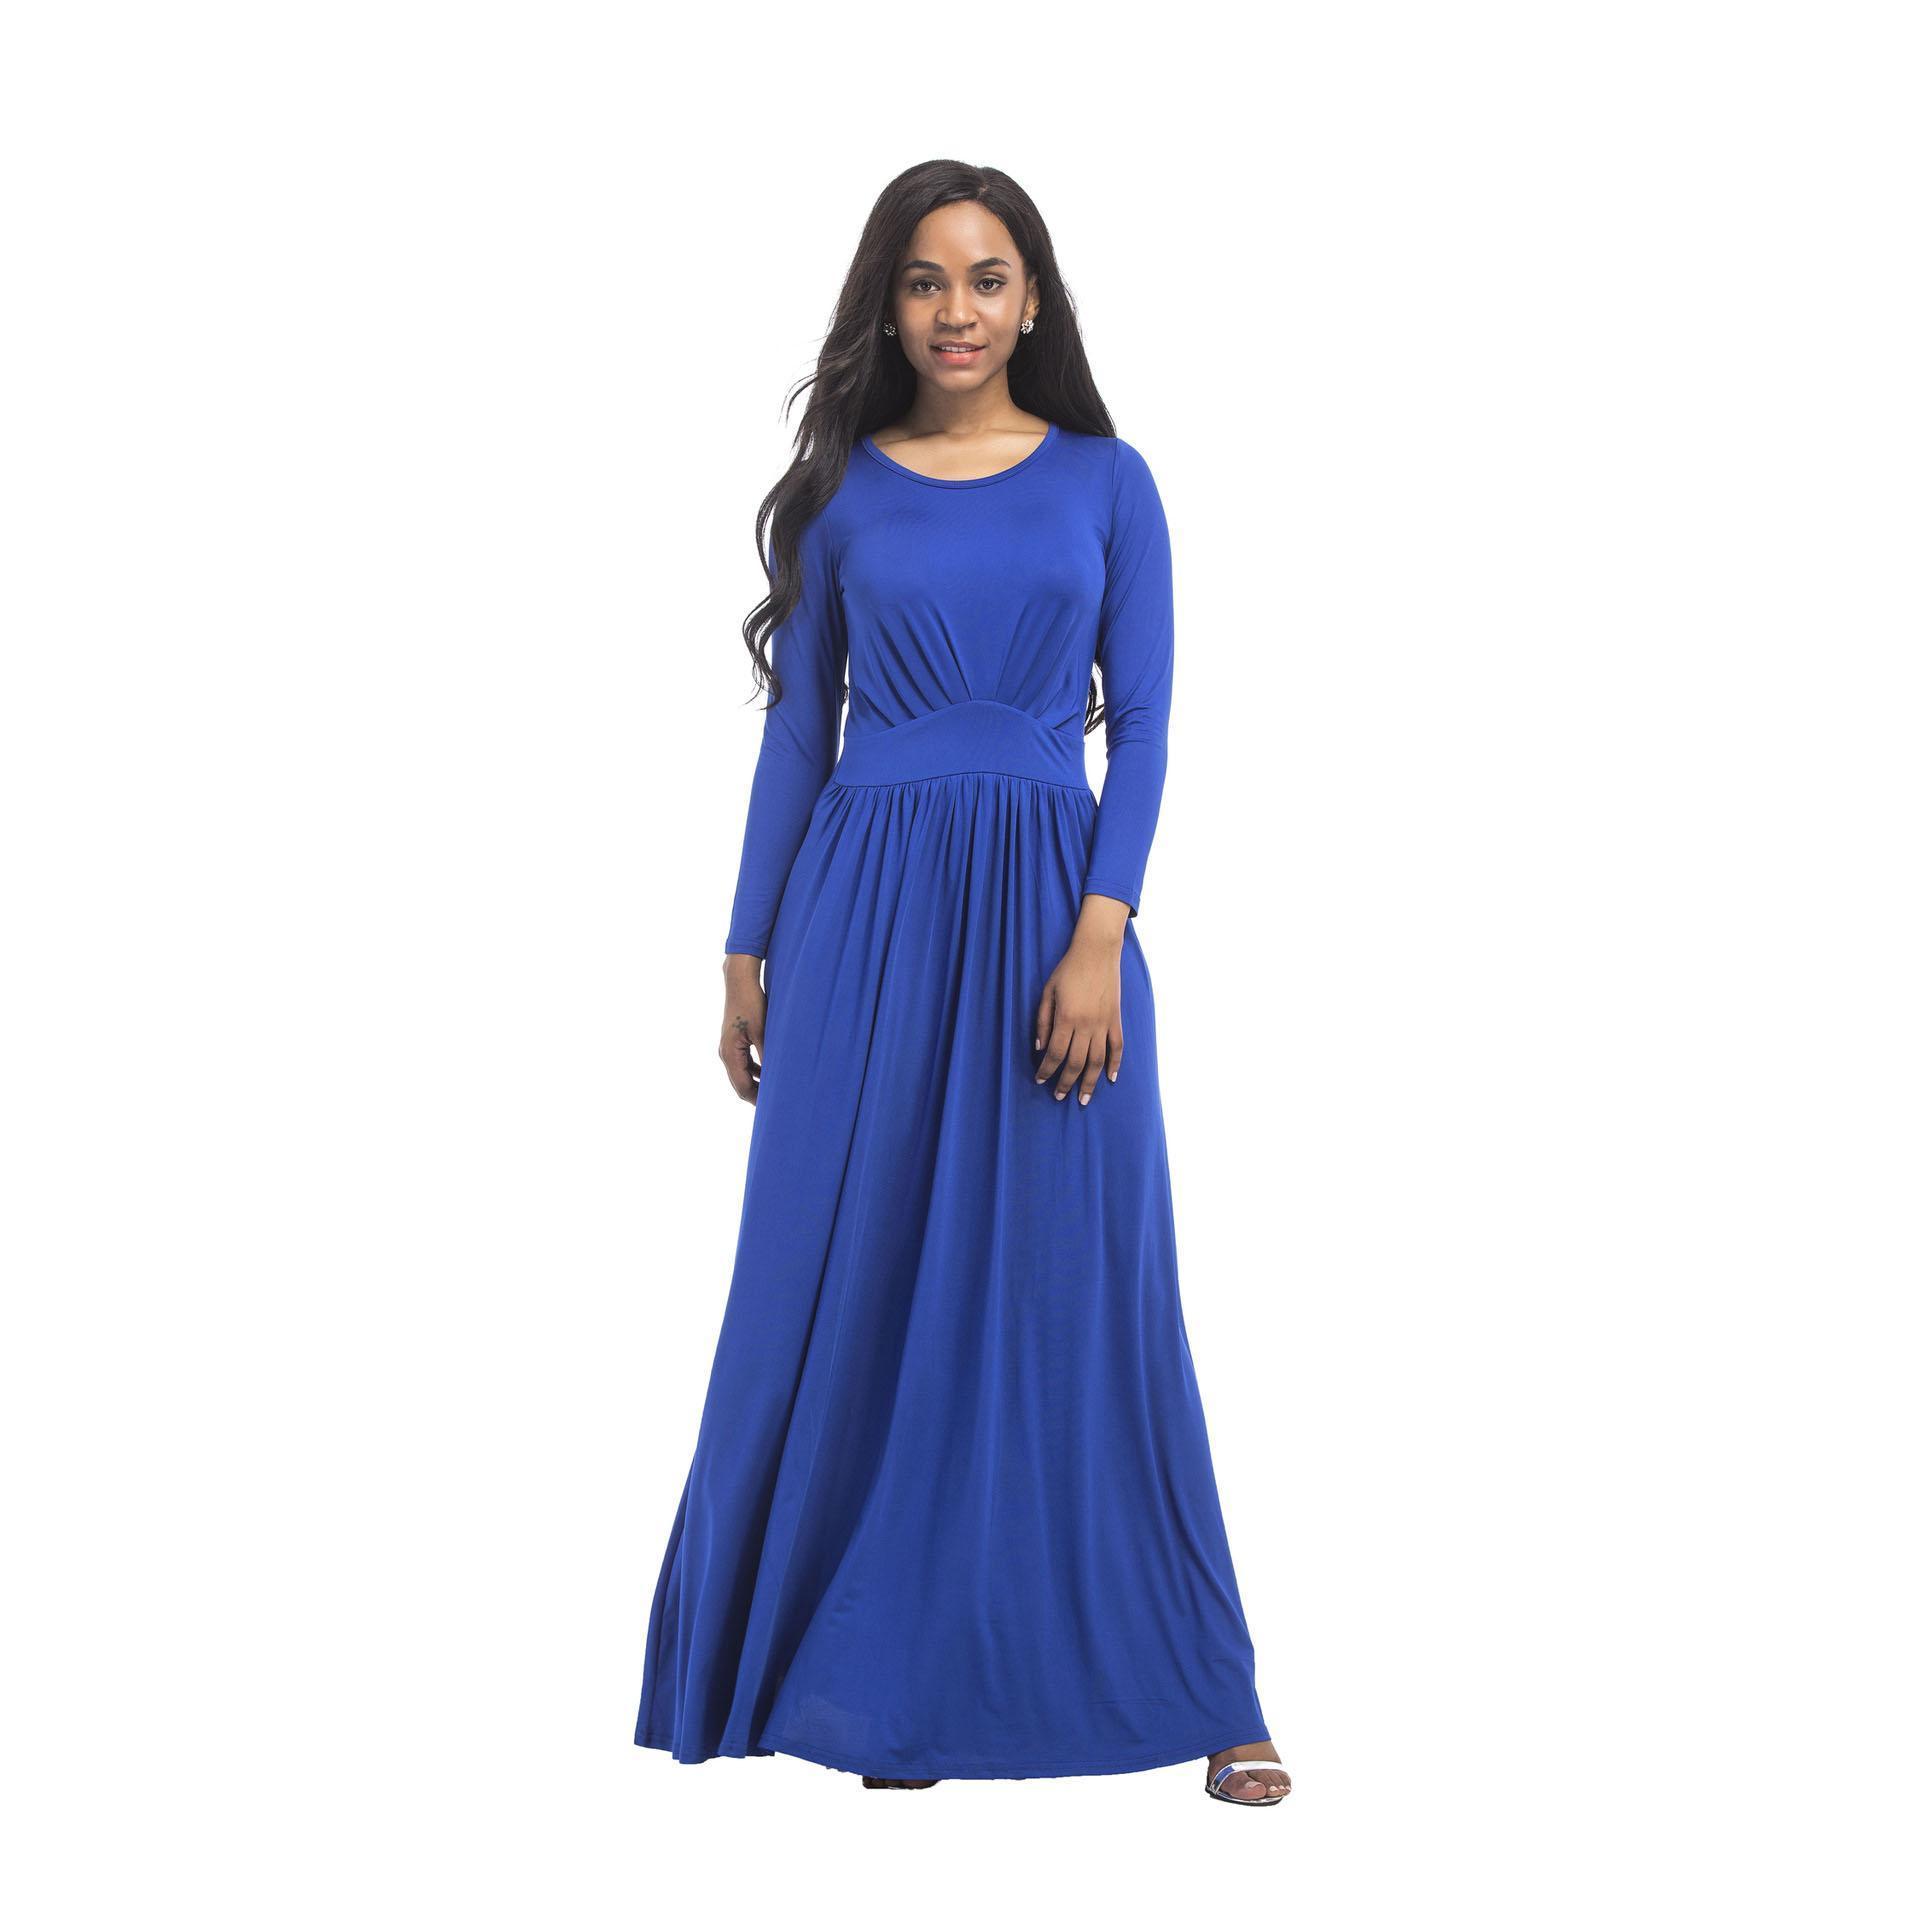 Compre Mujeres Vestidos Largos Sueltos Manga Larga Otoño O Cuello Casual Sólido Blanco Negro Azul Fiesta En La Playa Más Tamaño Maxi Dress A 3022